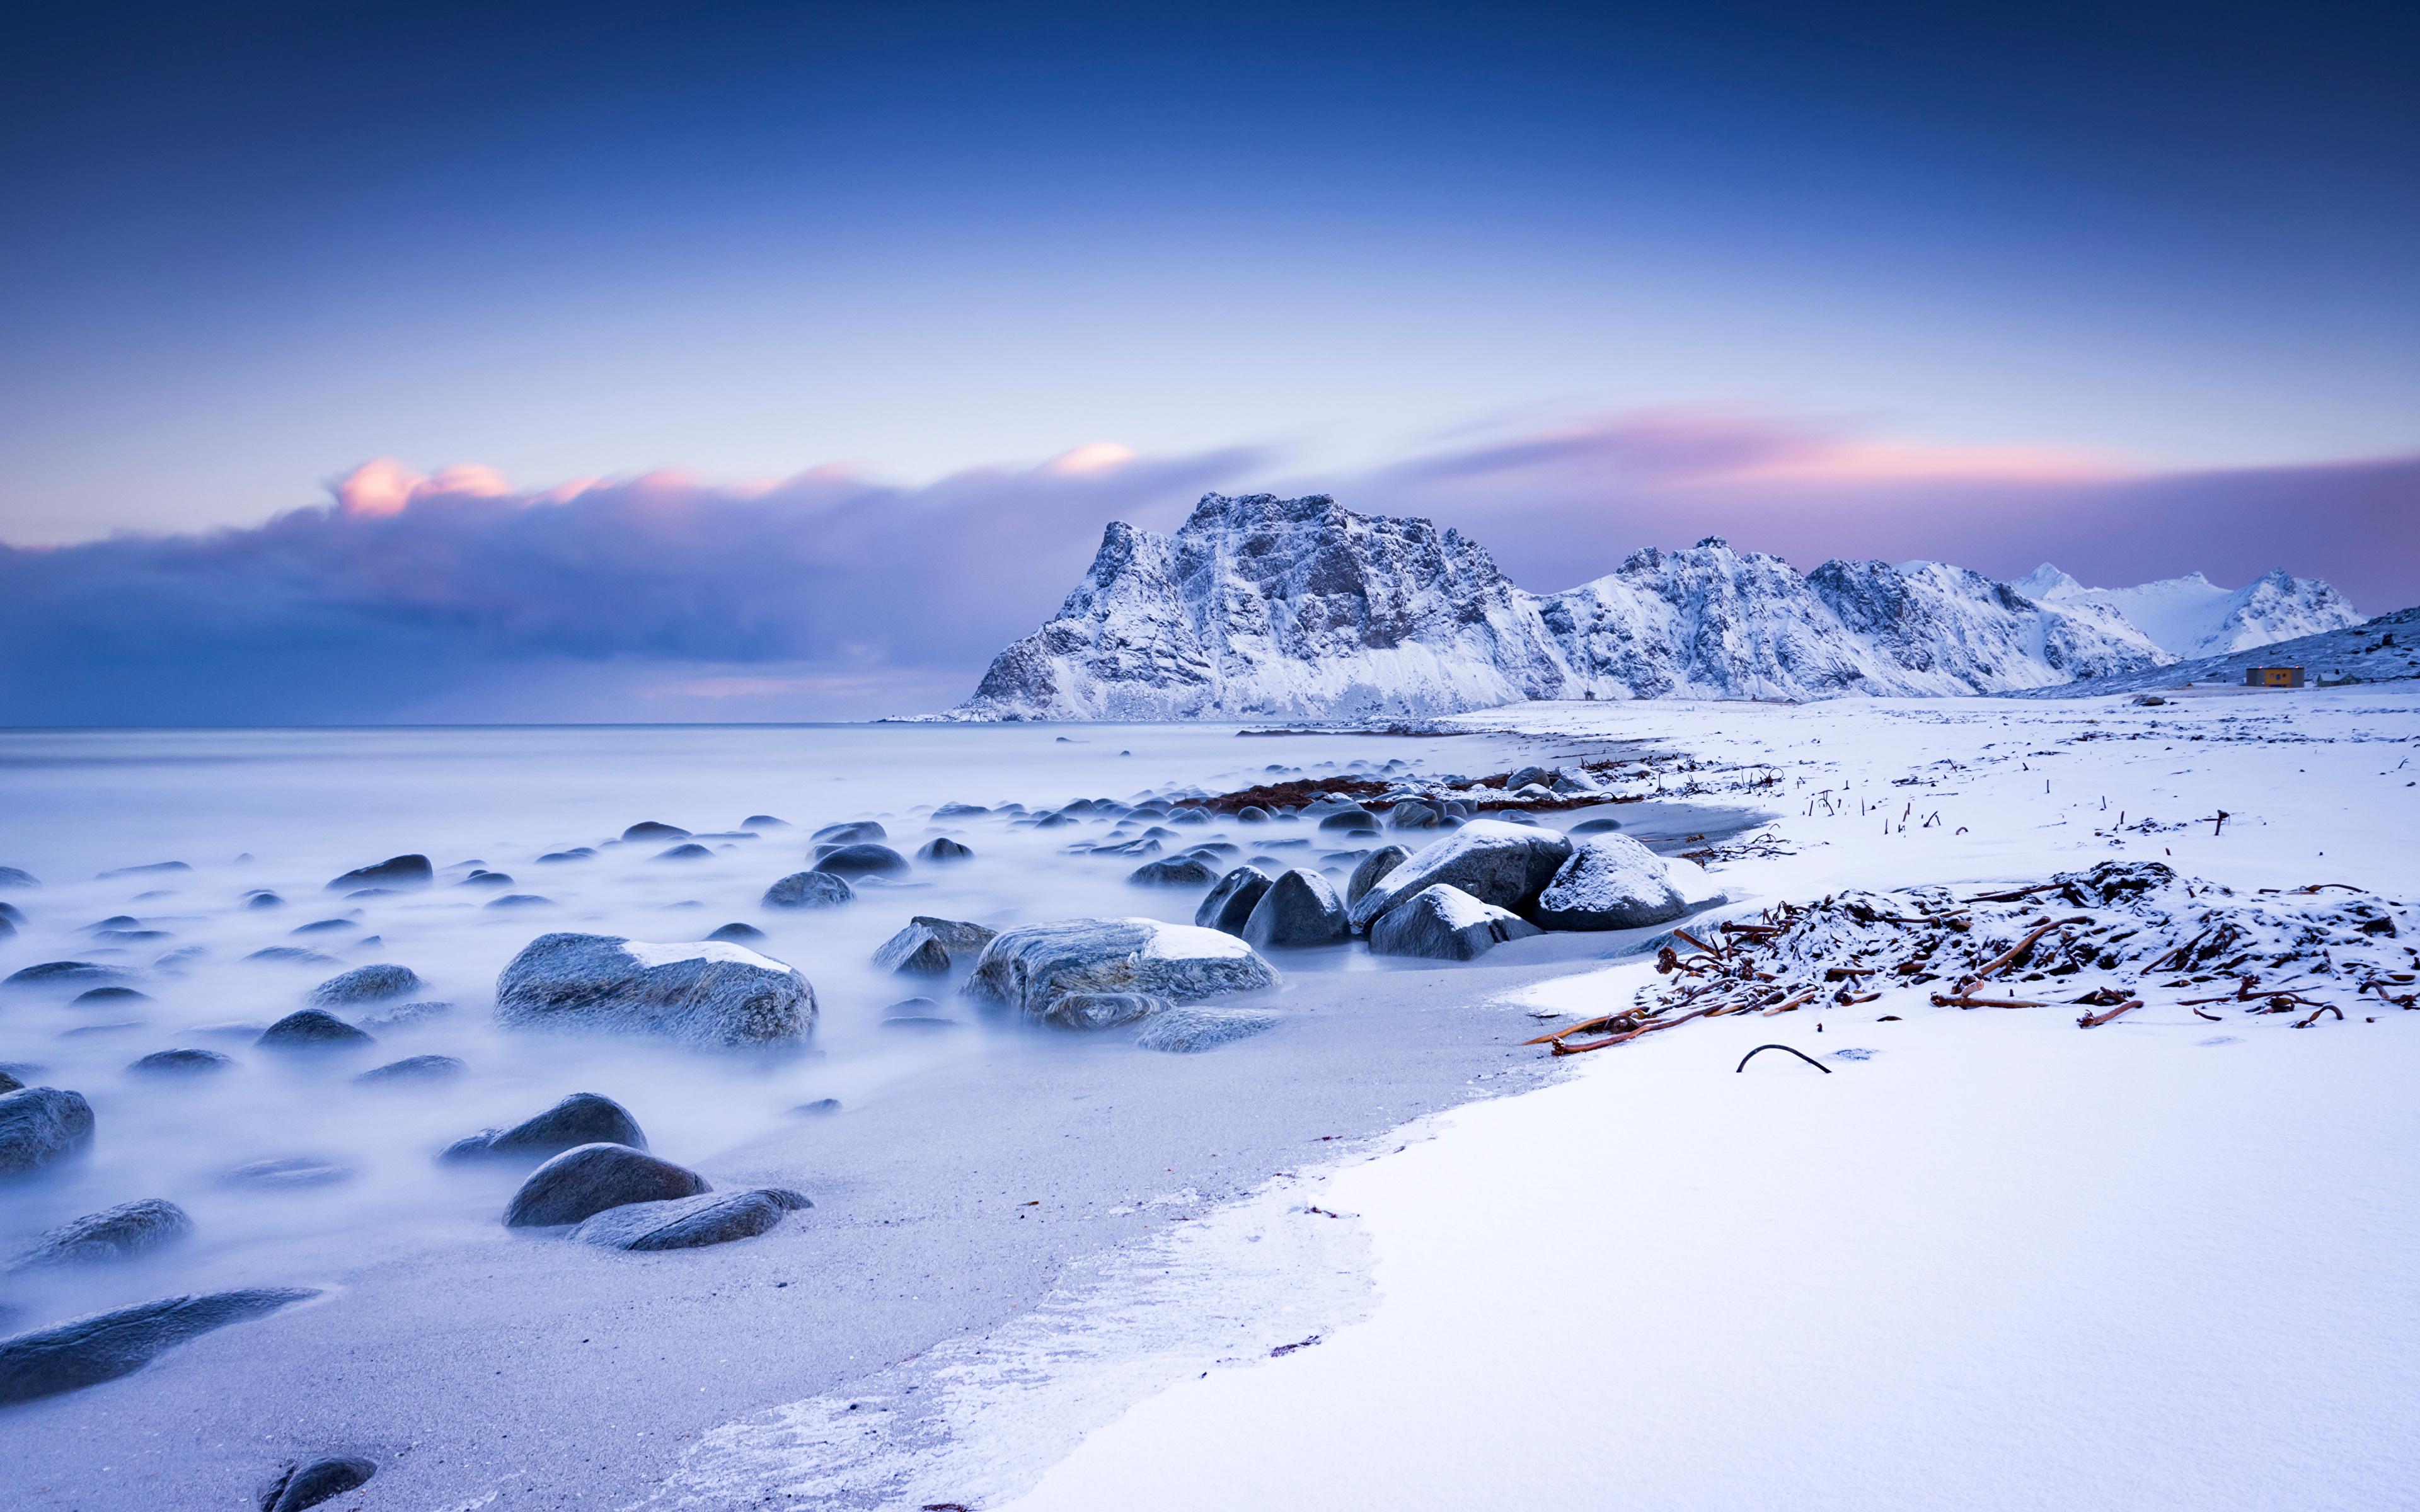 Картинки Лофотенские острова Норвегия Uttakleiv гора Природа Снег Пейзаж 3840x2400 Горы снега снегу снеге